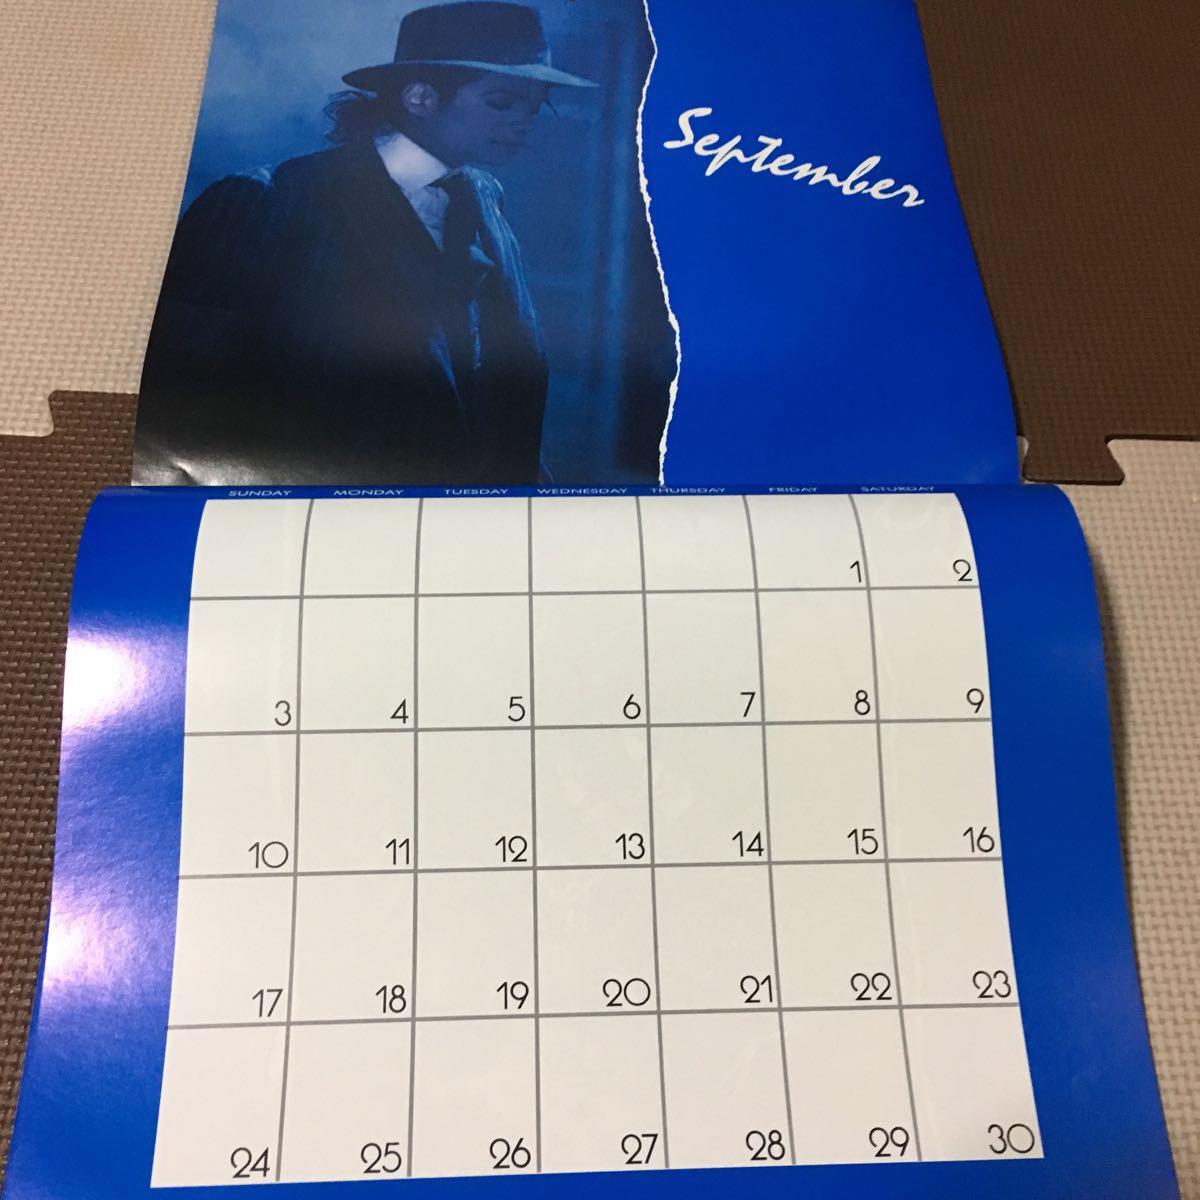 マイケルジャクソン カレンダー ムーンウォーカー 1989年(輸入版)_画像6